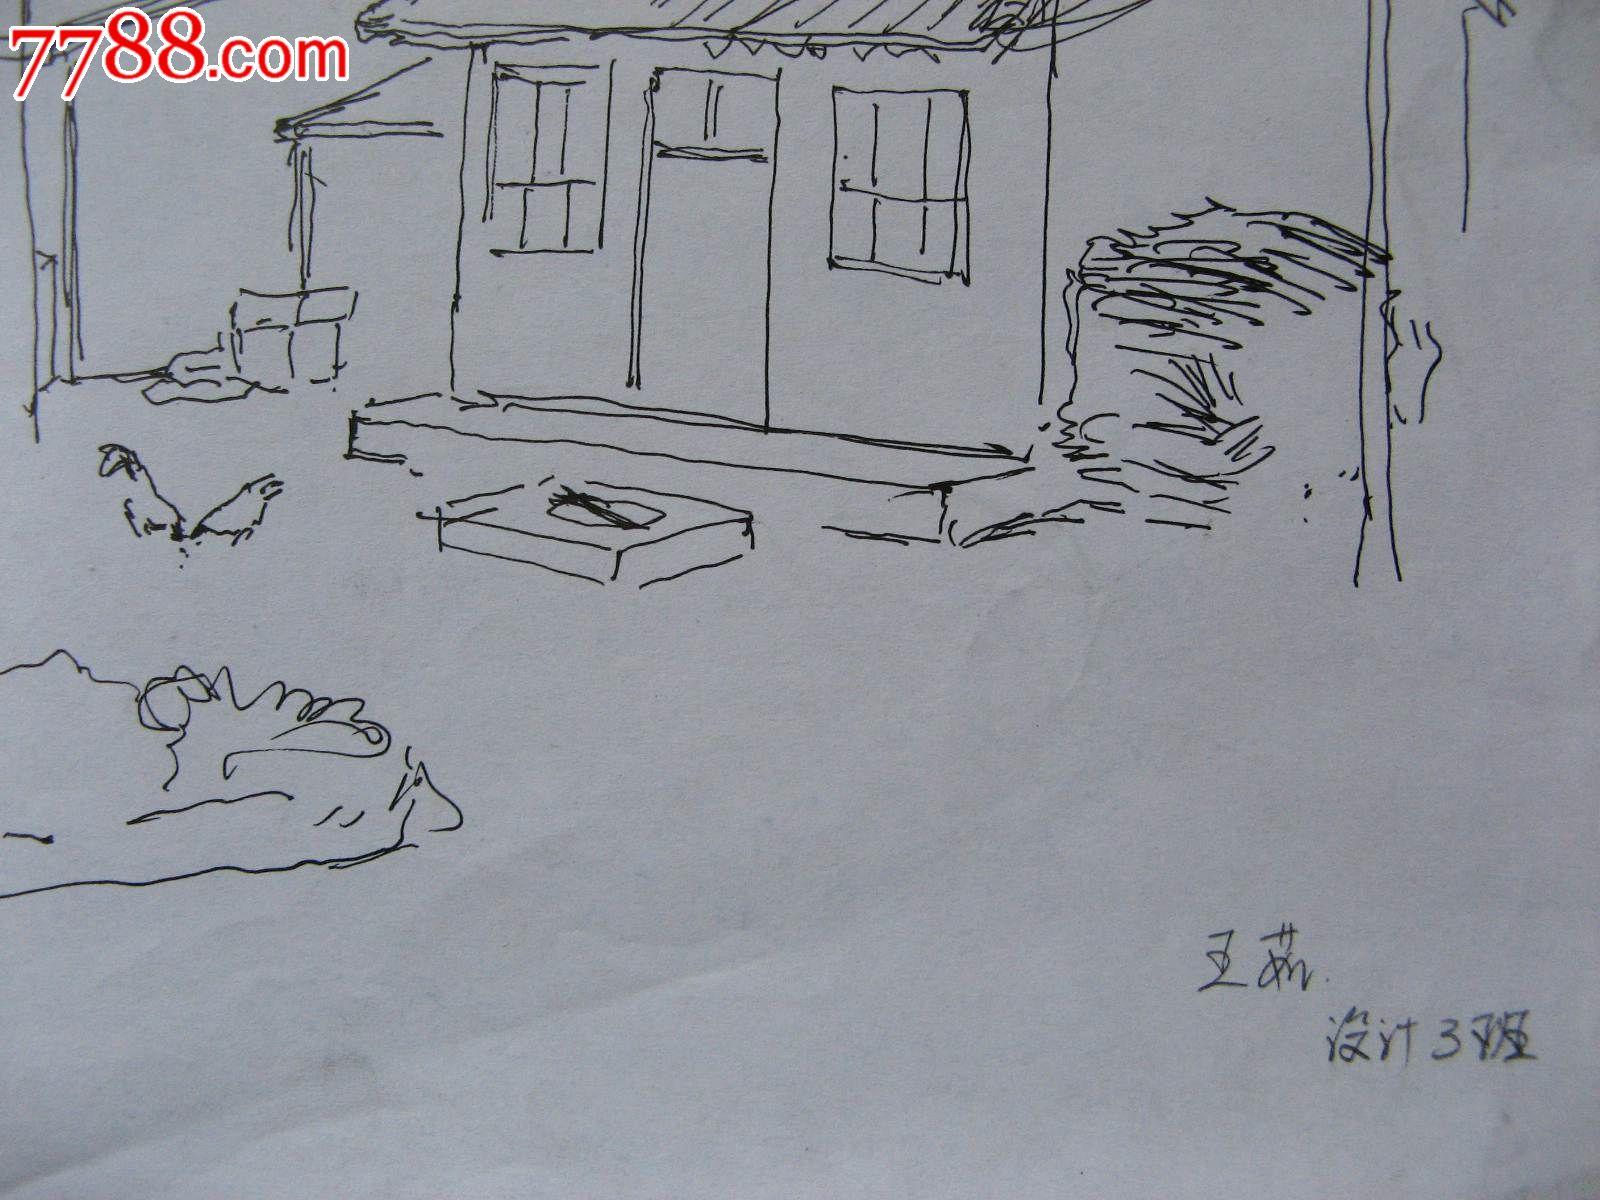 素描风景建筑画:农家院_价格2元【亮湖藏苑】_第2张_中国收藏热线